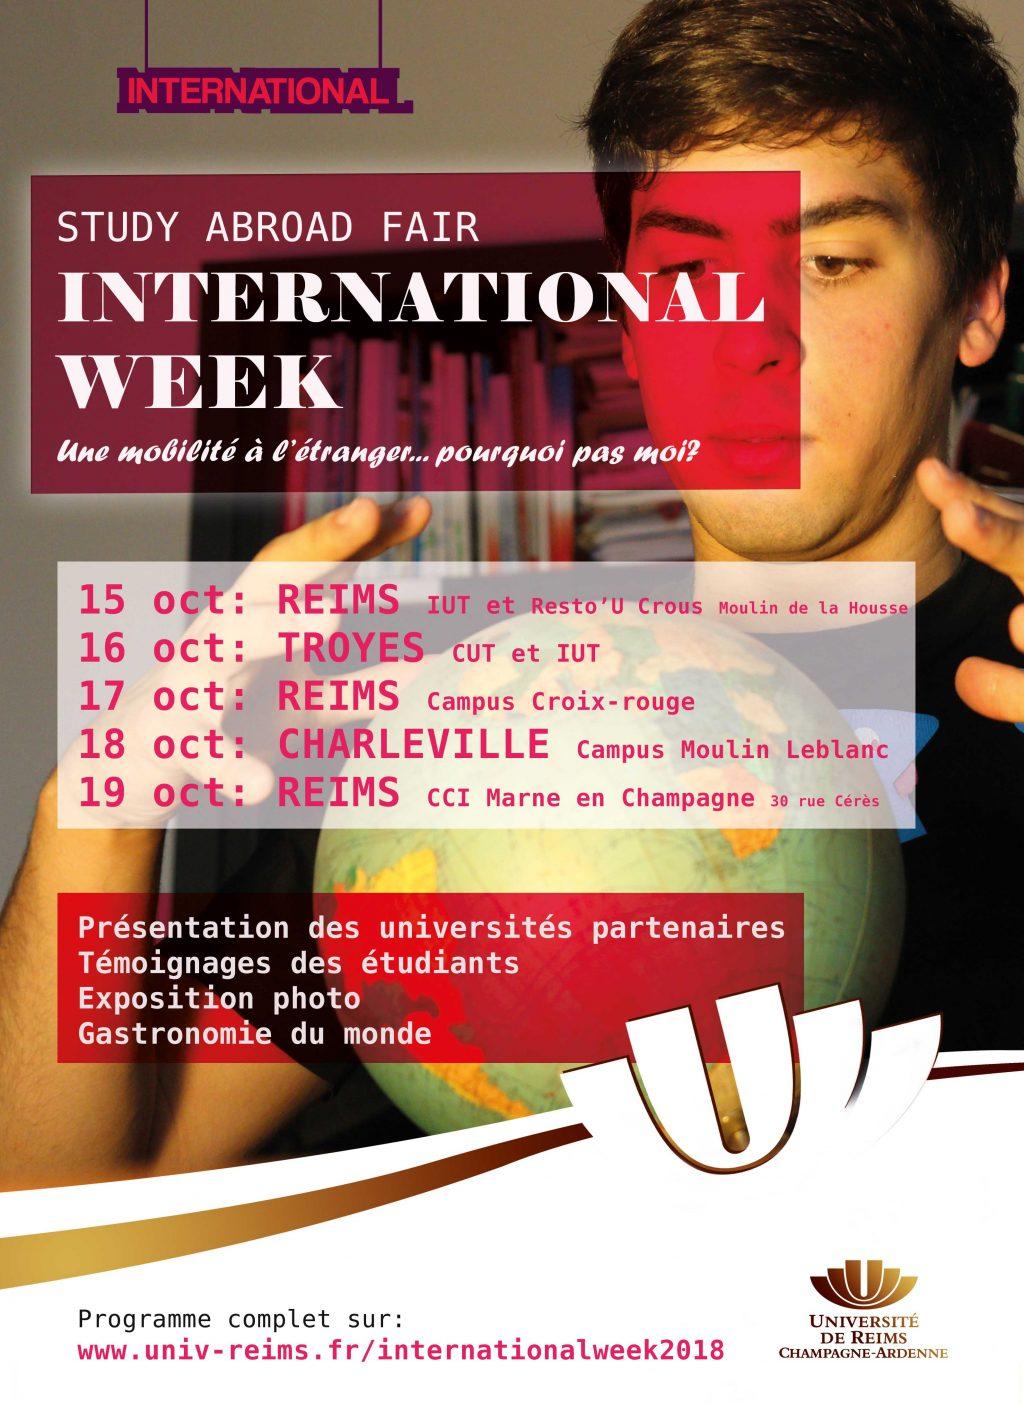 International-Week-2018.jpg